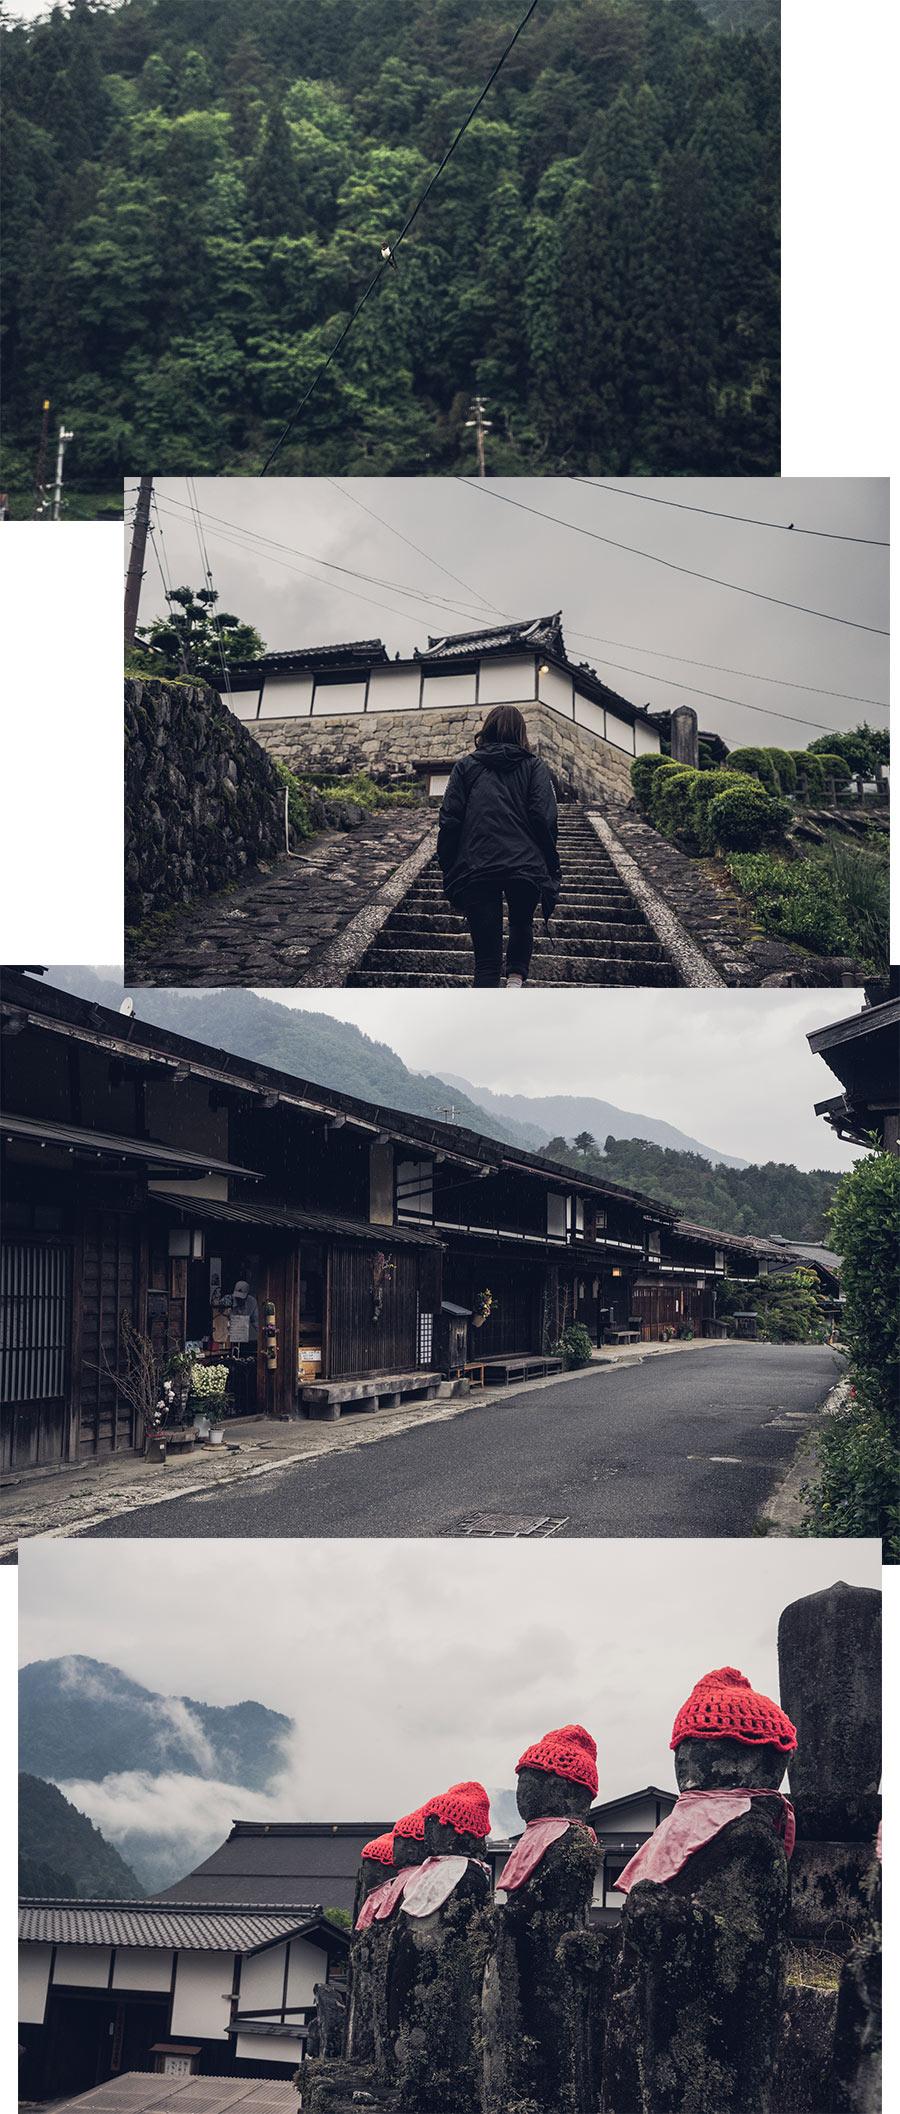 Les rues de Tsumago, la nuit, par Côté Hublot